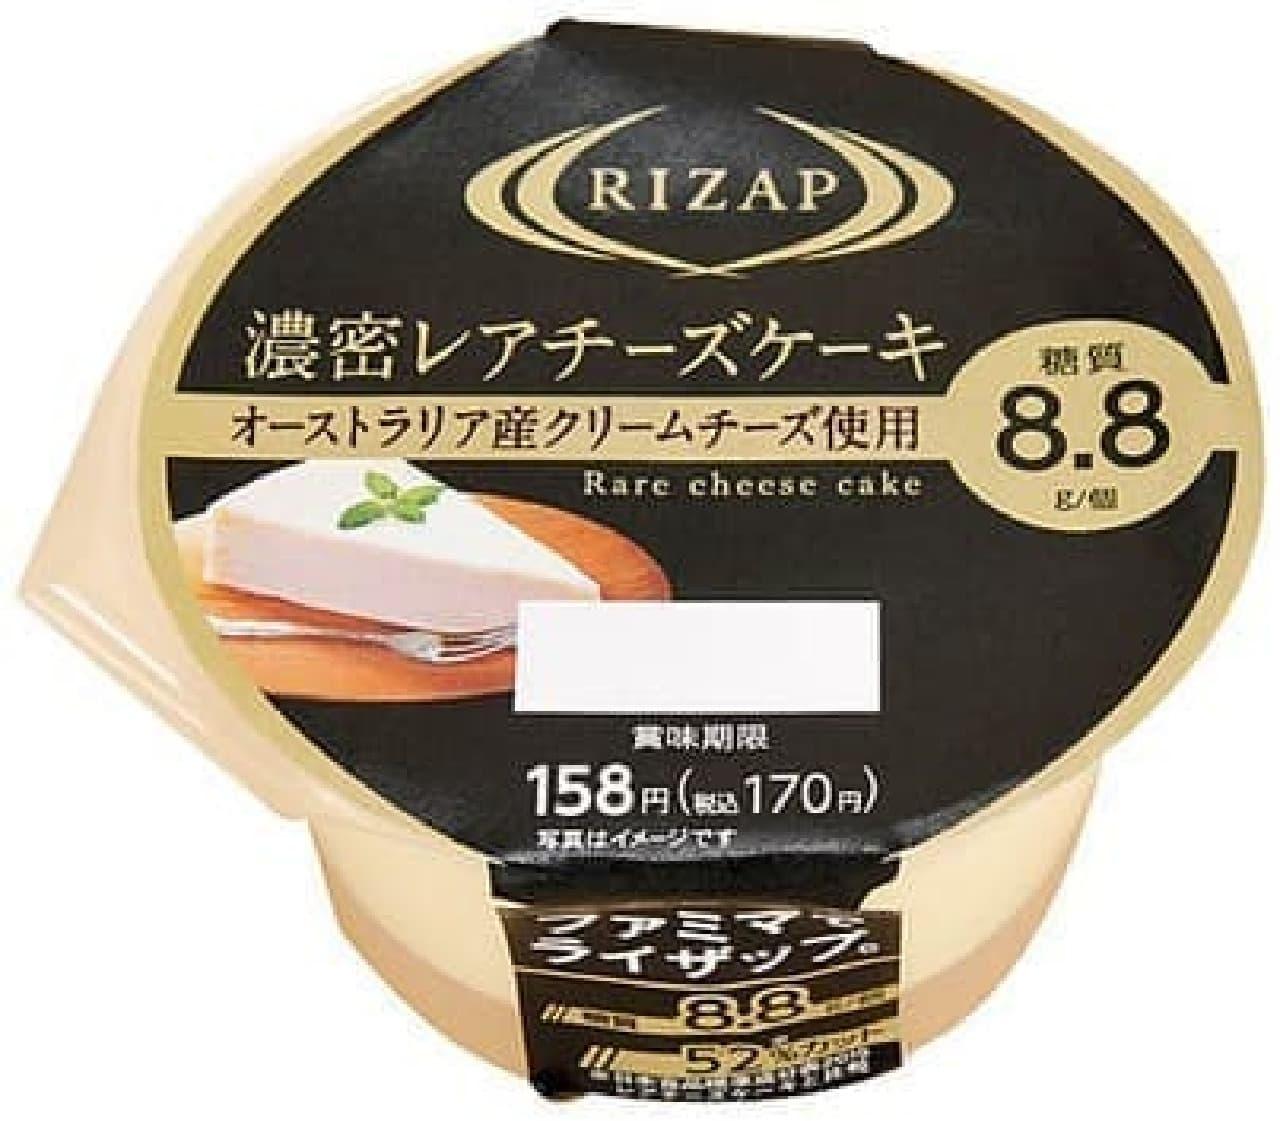 ファミリーマート「RIZAP 濃密レアチーズケーキ」